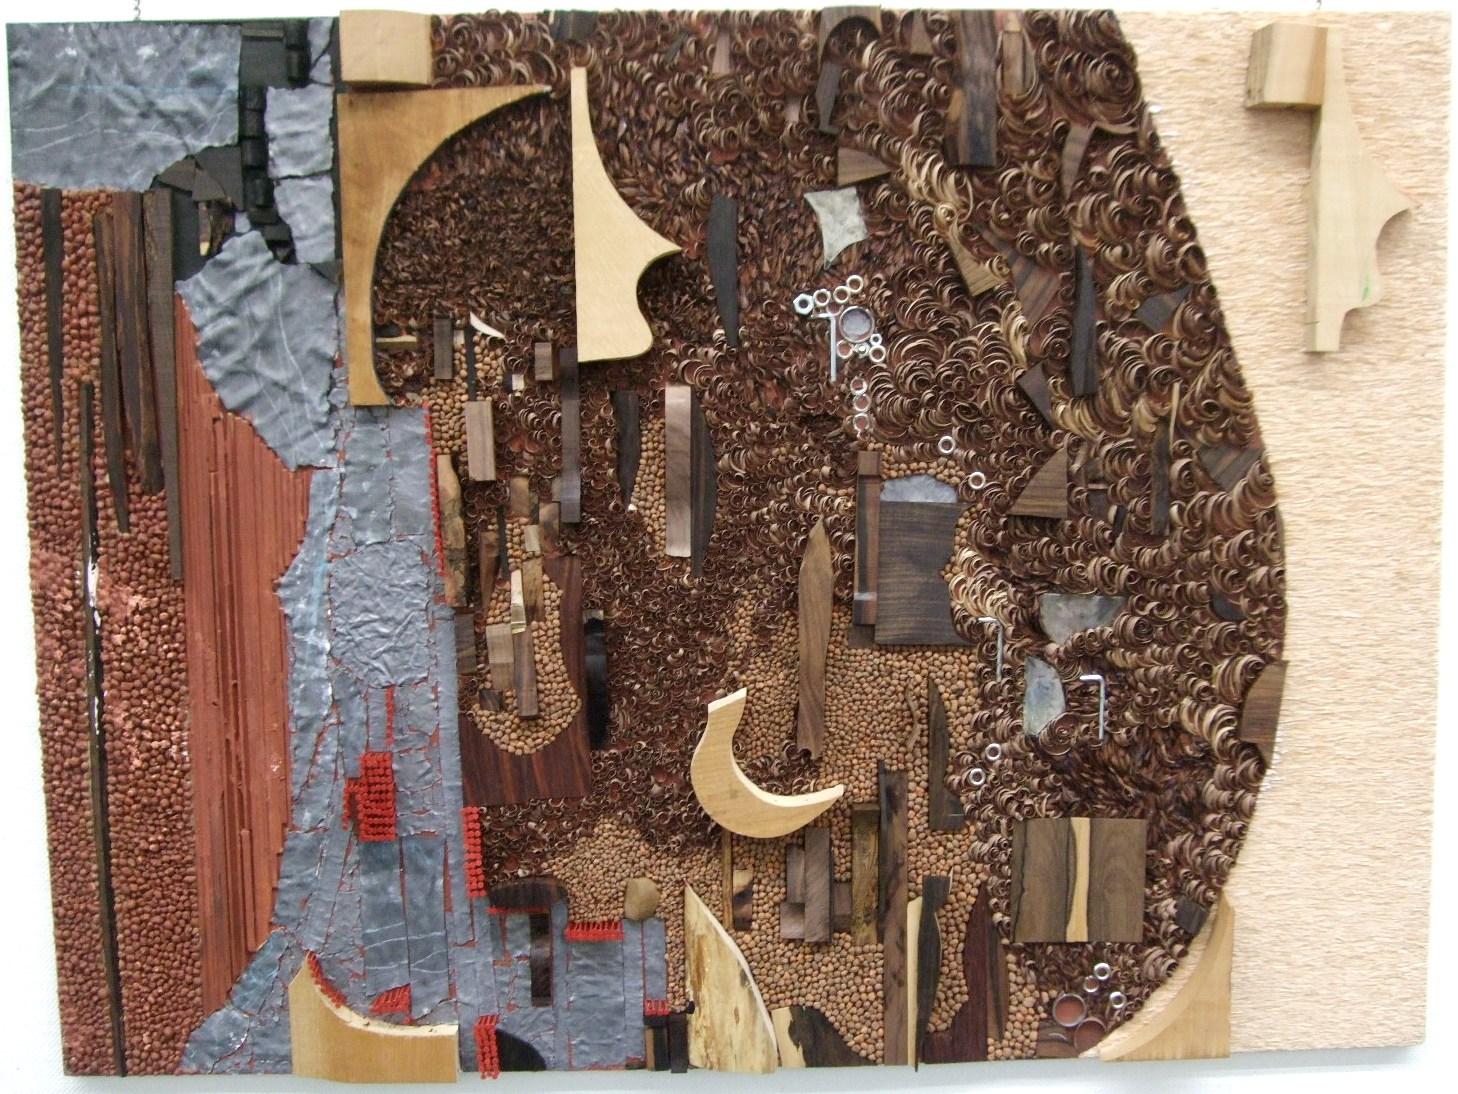 1268) ②市民ギャラリー 「'10 第37回 北海道抽象派作家協会展」 4月13日(火)~4月18日(日) _f0126829_15341442.jpg